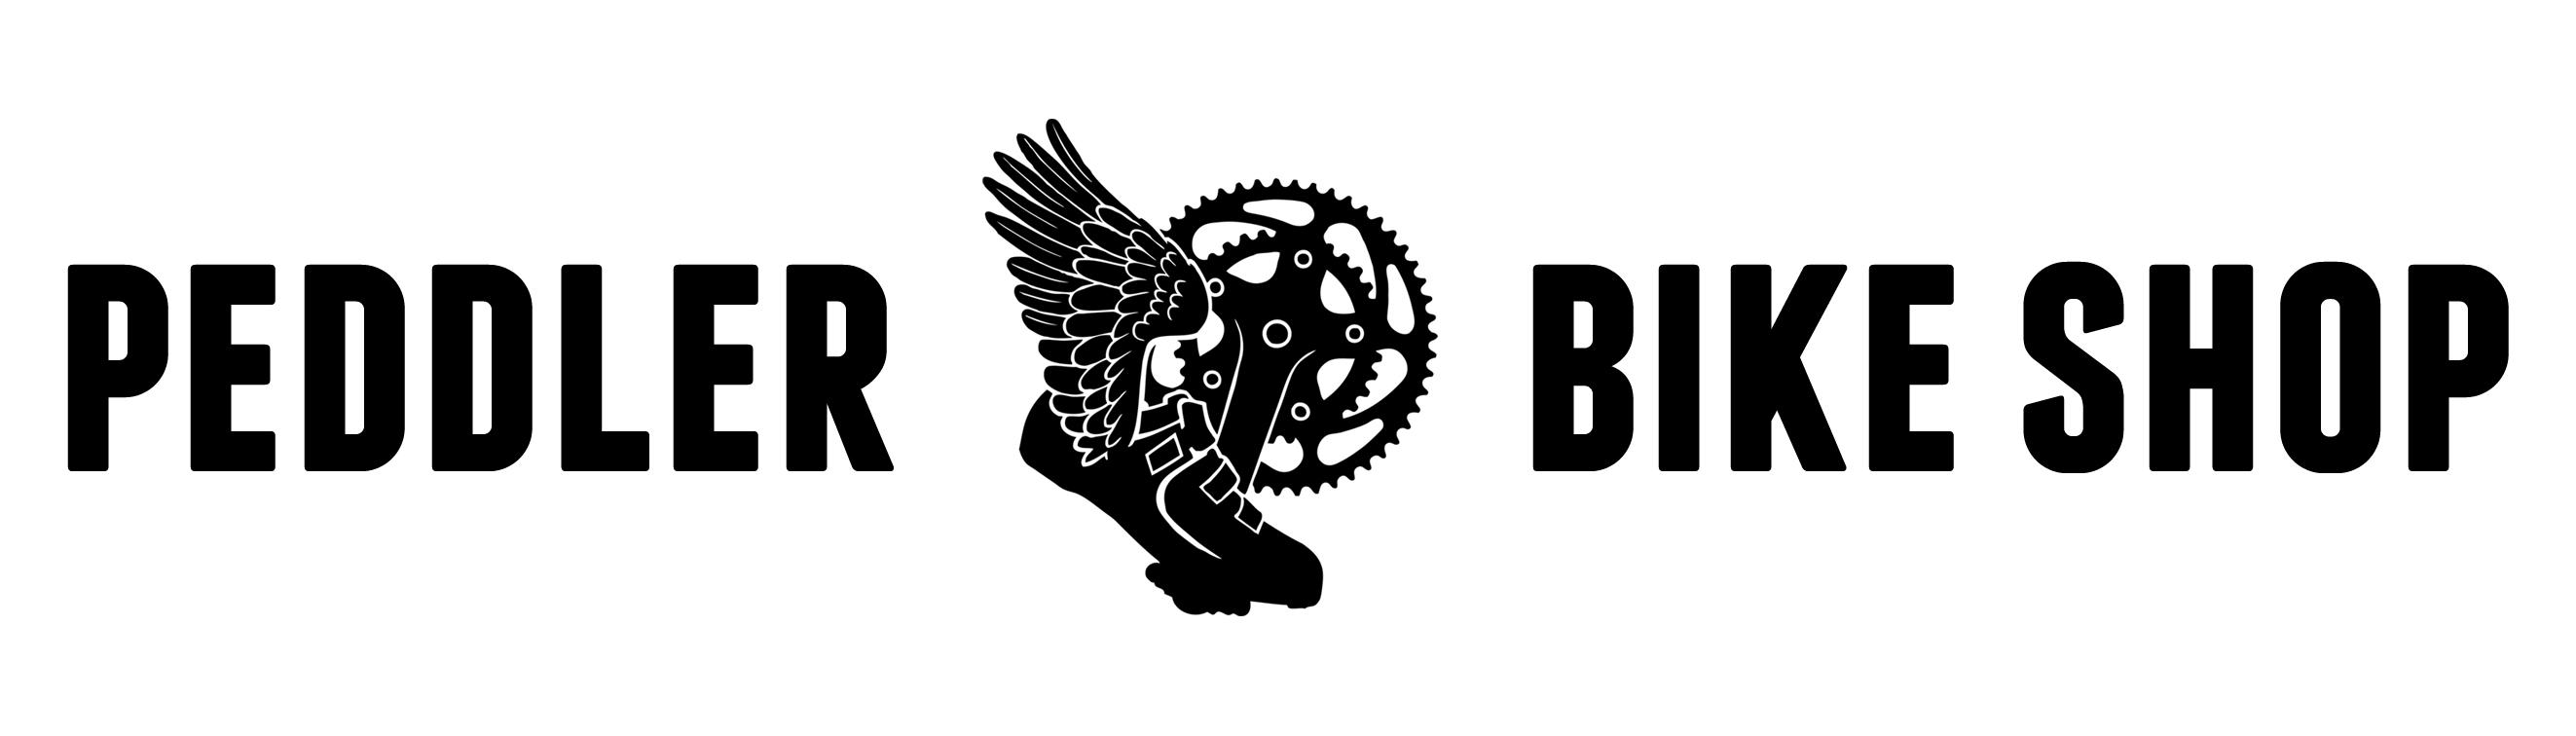 Peddler_Logo_HorizontalBlack.jpg